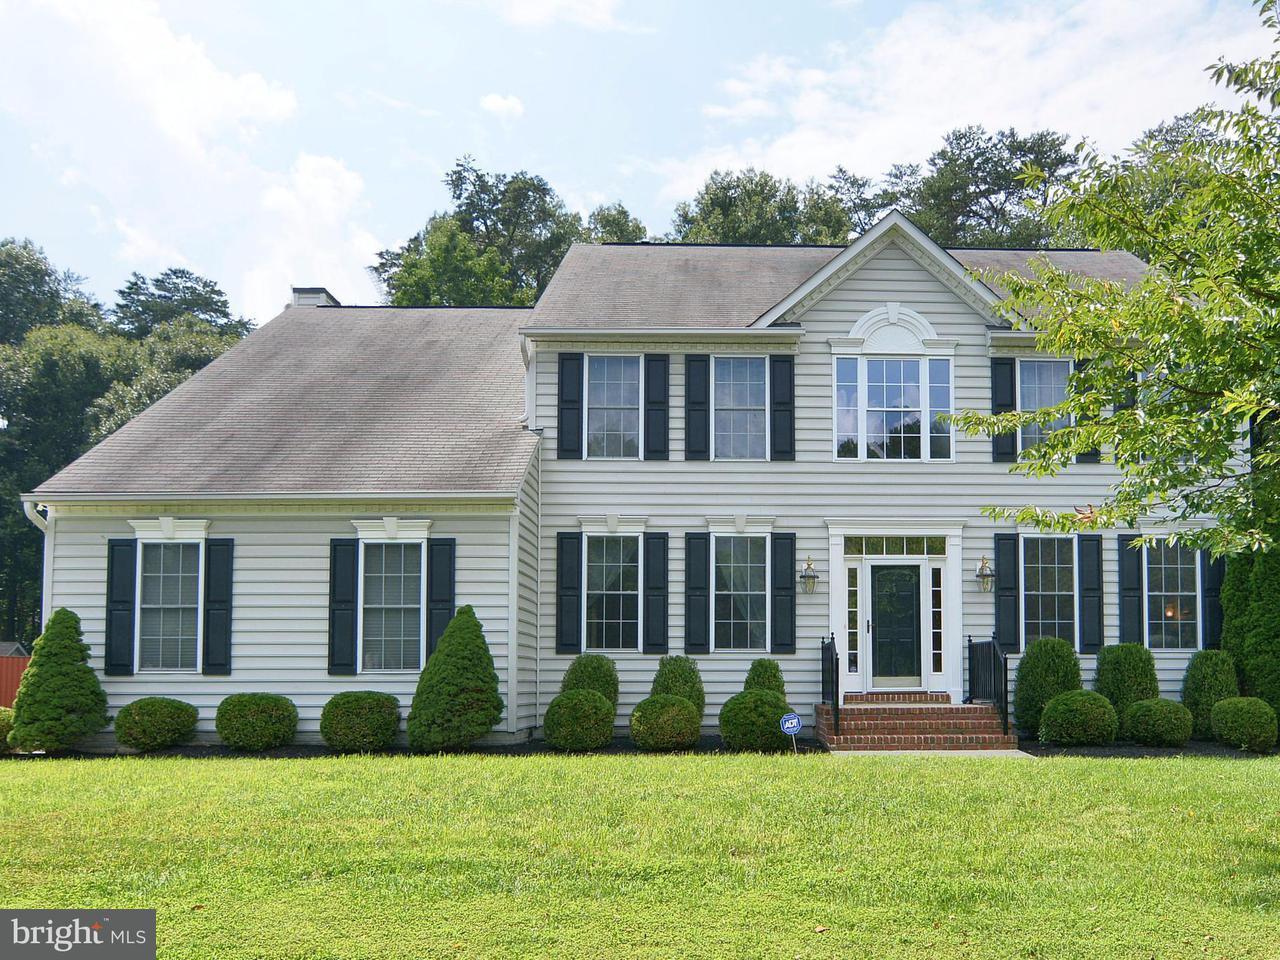 一戸建て のために 売買 アット 413 BLAIRFIELD Court 413 BLAIRFIELD Court Severn, メリーランド 21144 アメリカ合衆国